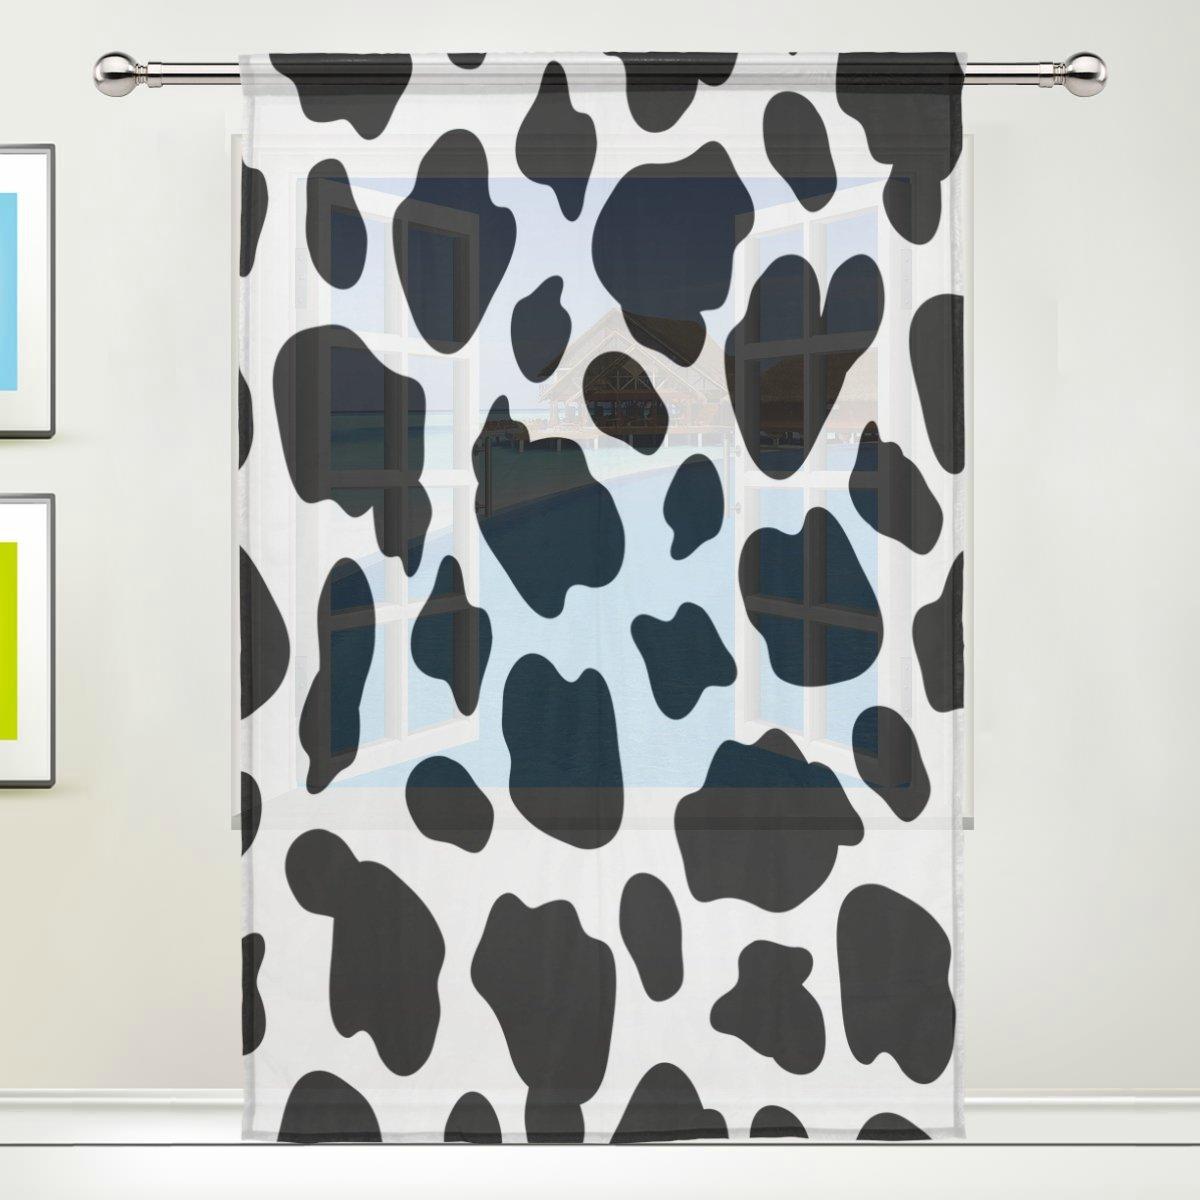 Cortinas personalizadas con estampado de vaca, color blanco y negro